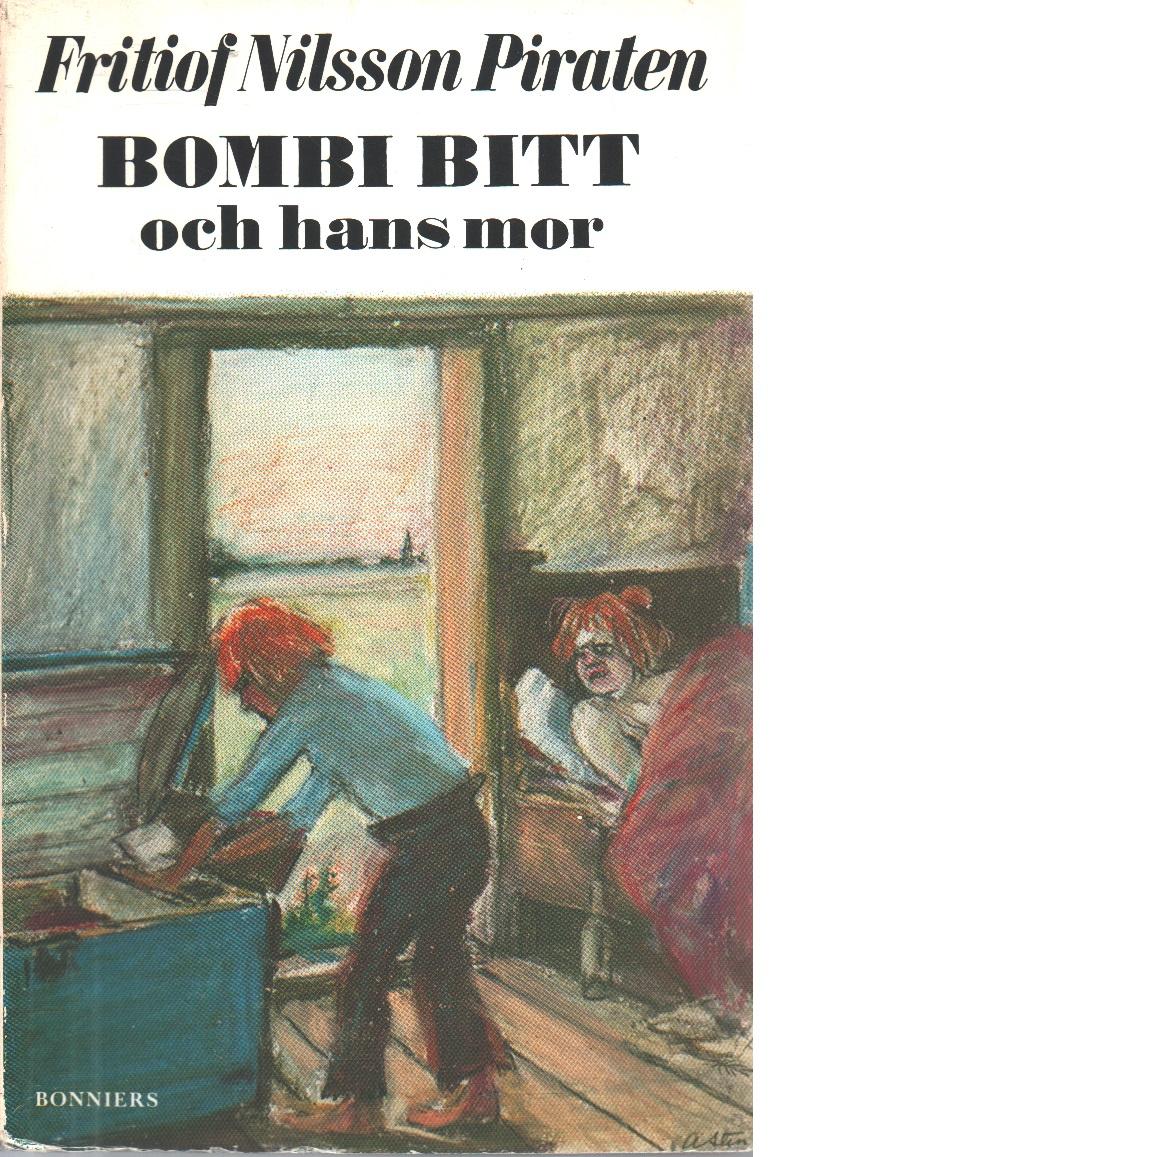 Bombi Bitt och hans mor - Nilsson Piraten, Fritiof